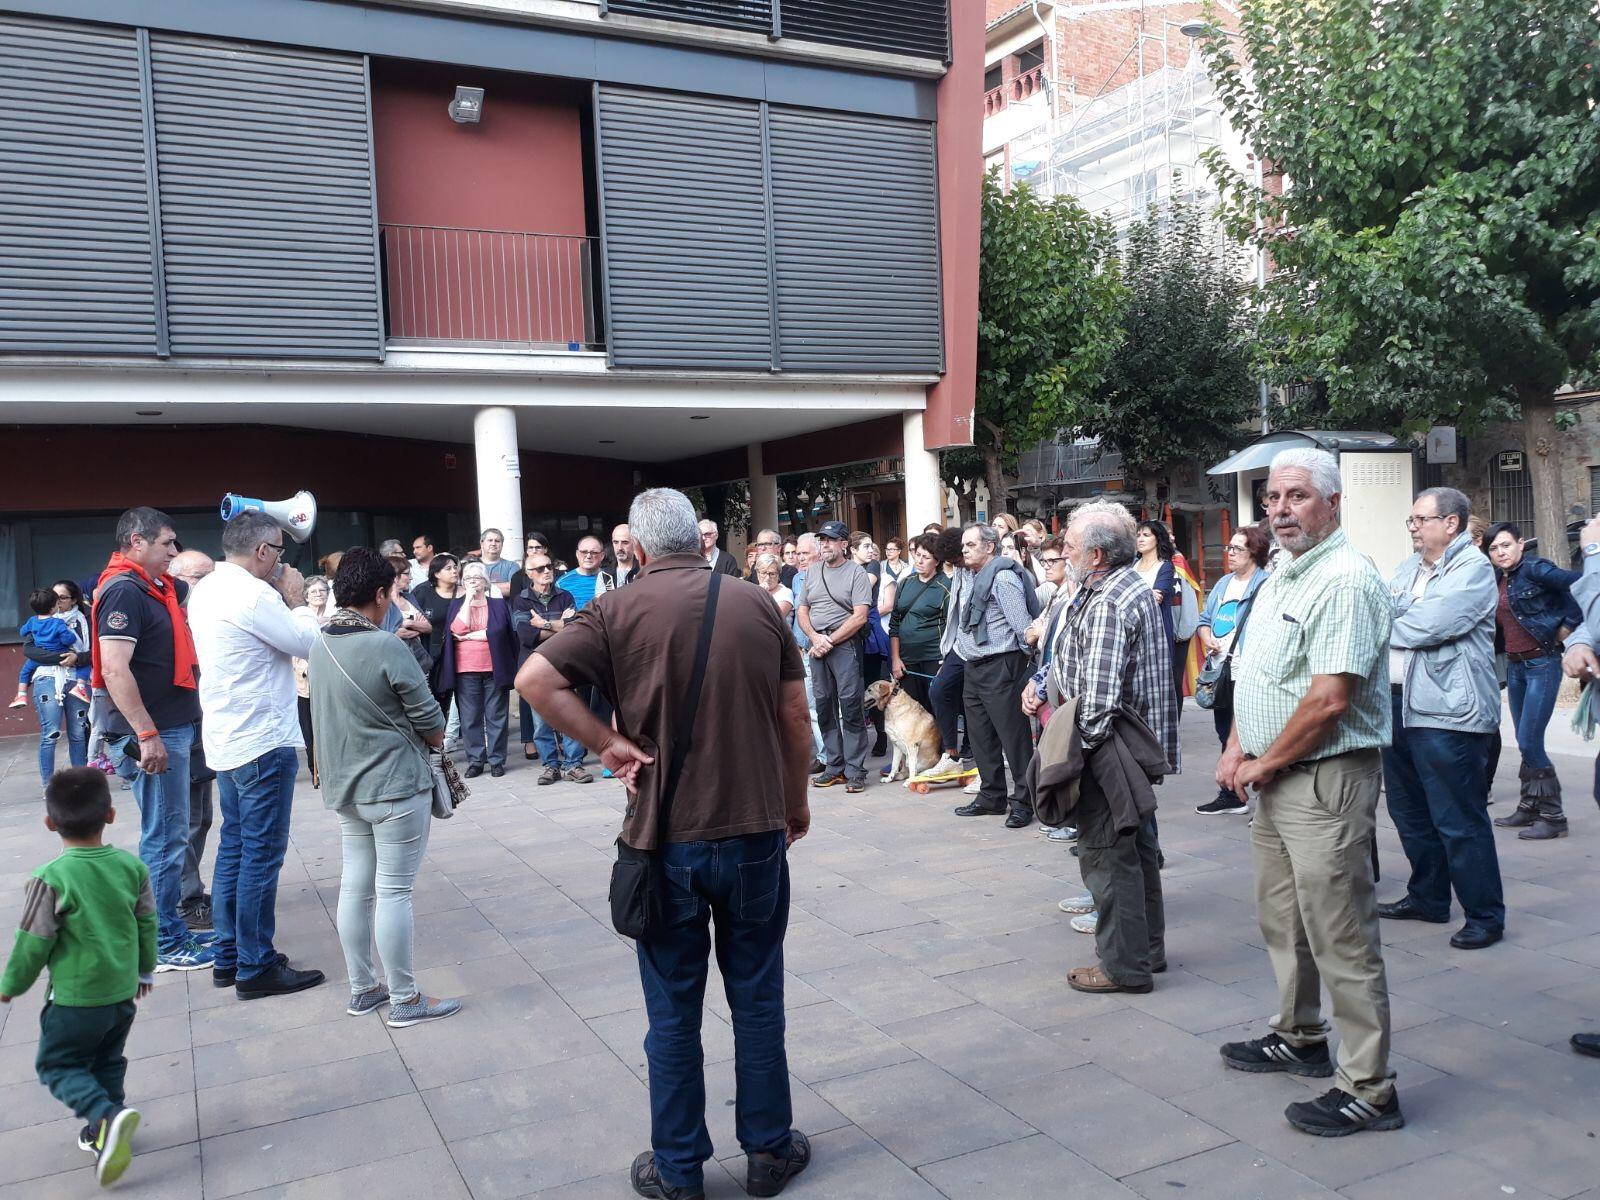 La concentració a la plaça Anna Bosch, a Figaró